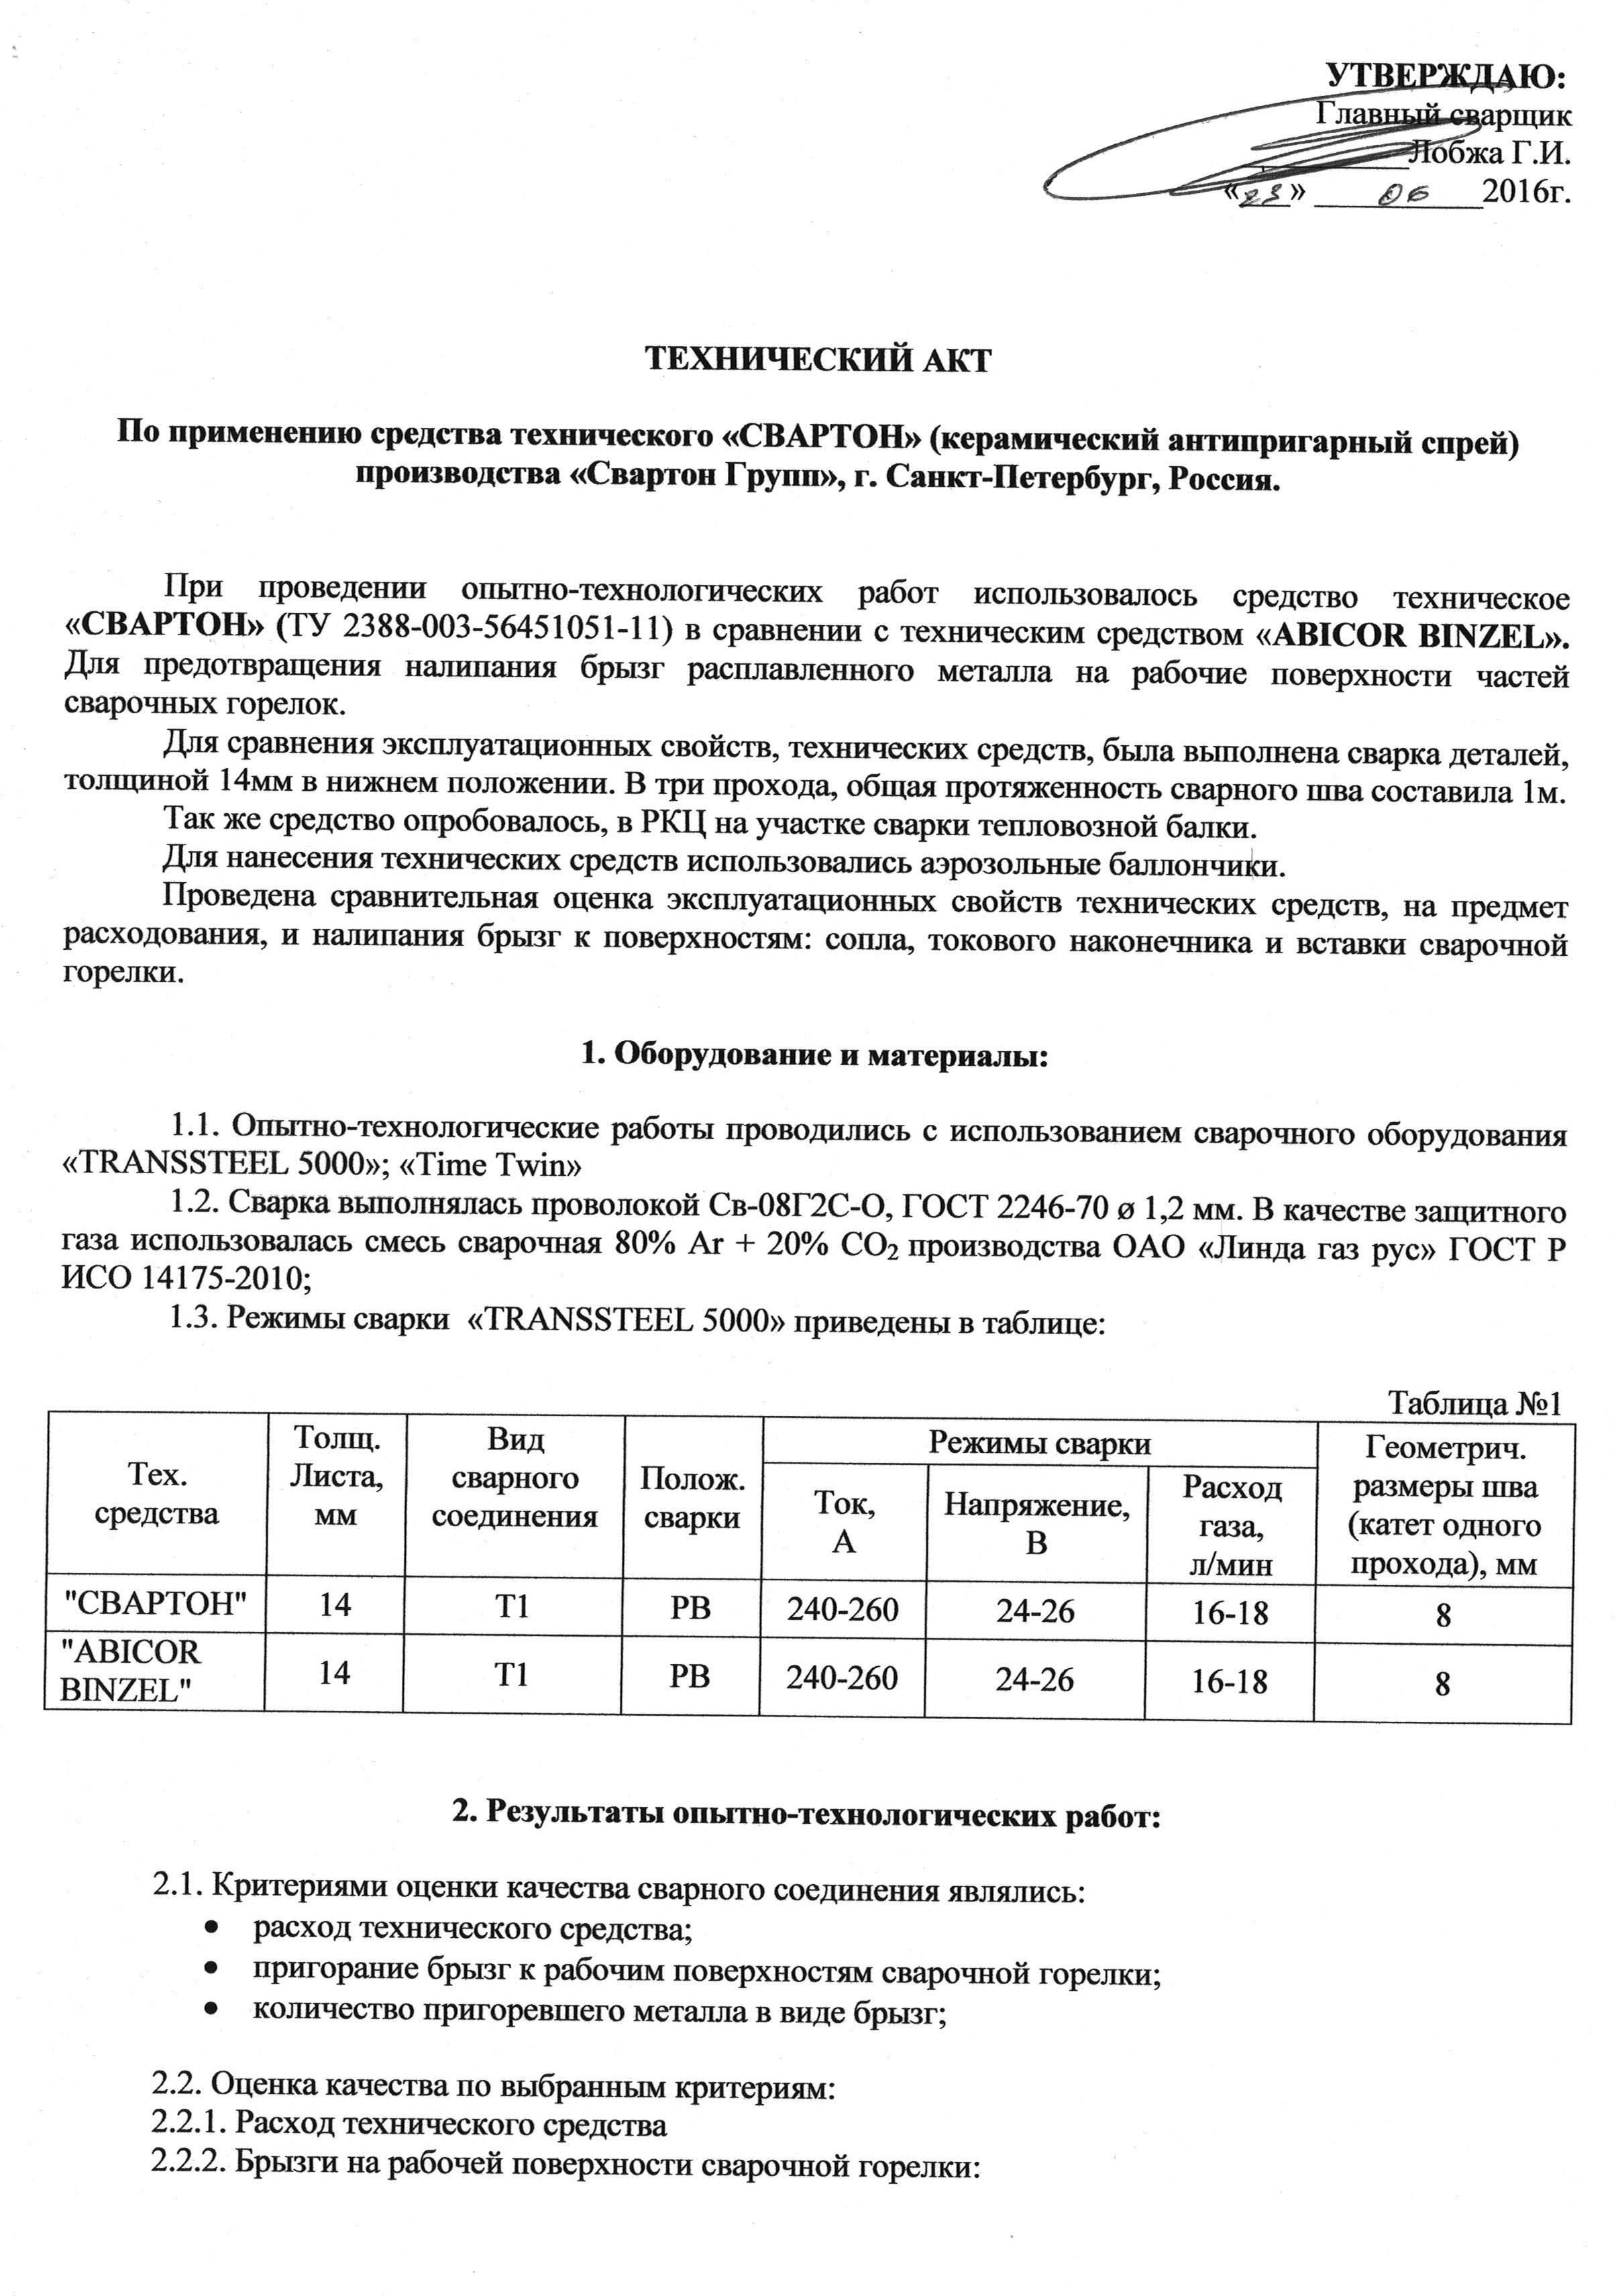 Отзыв БМЗ о сварочной химии Свртон